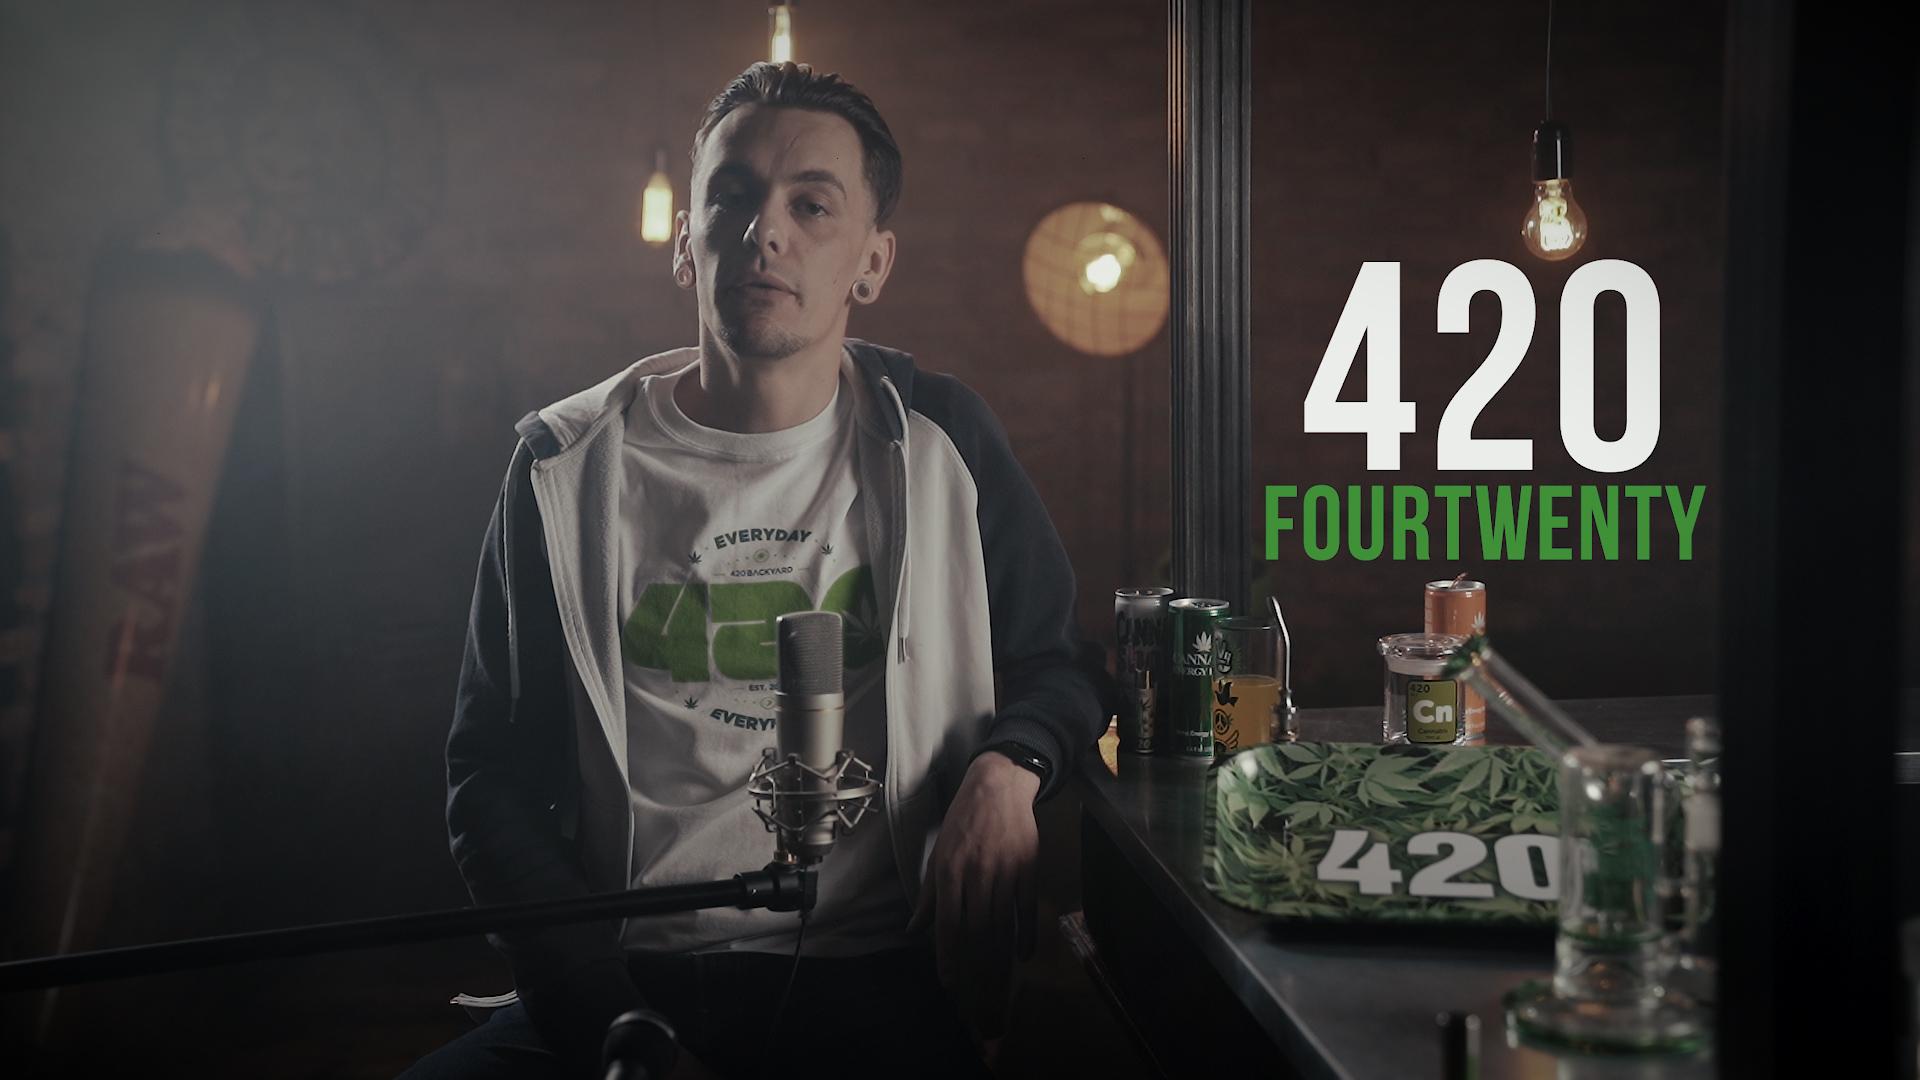 four twenty 420